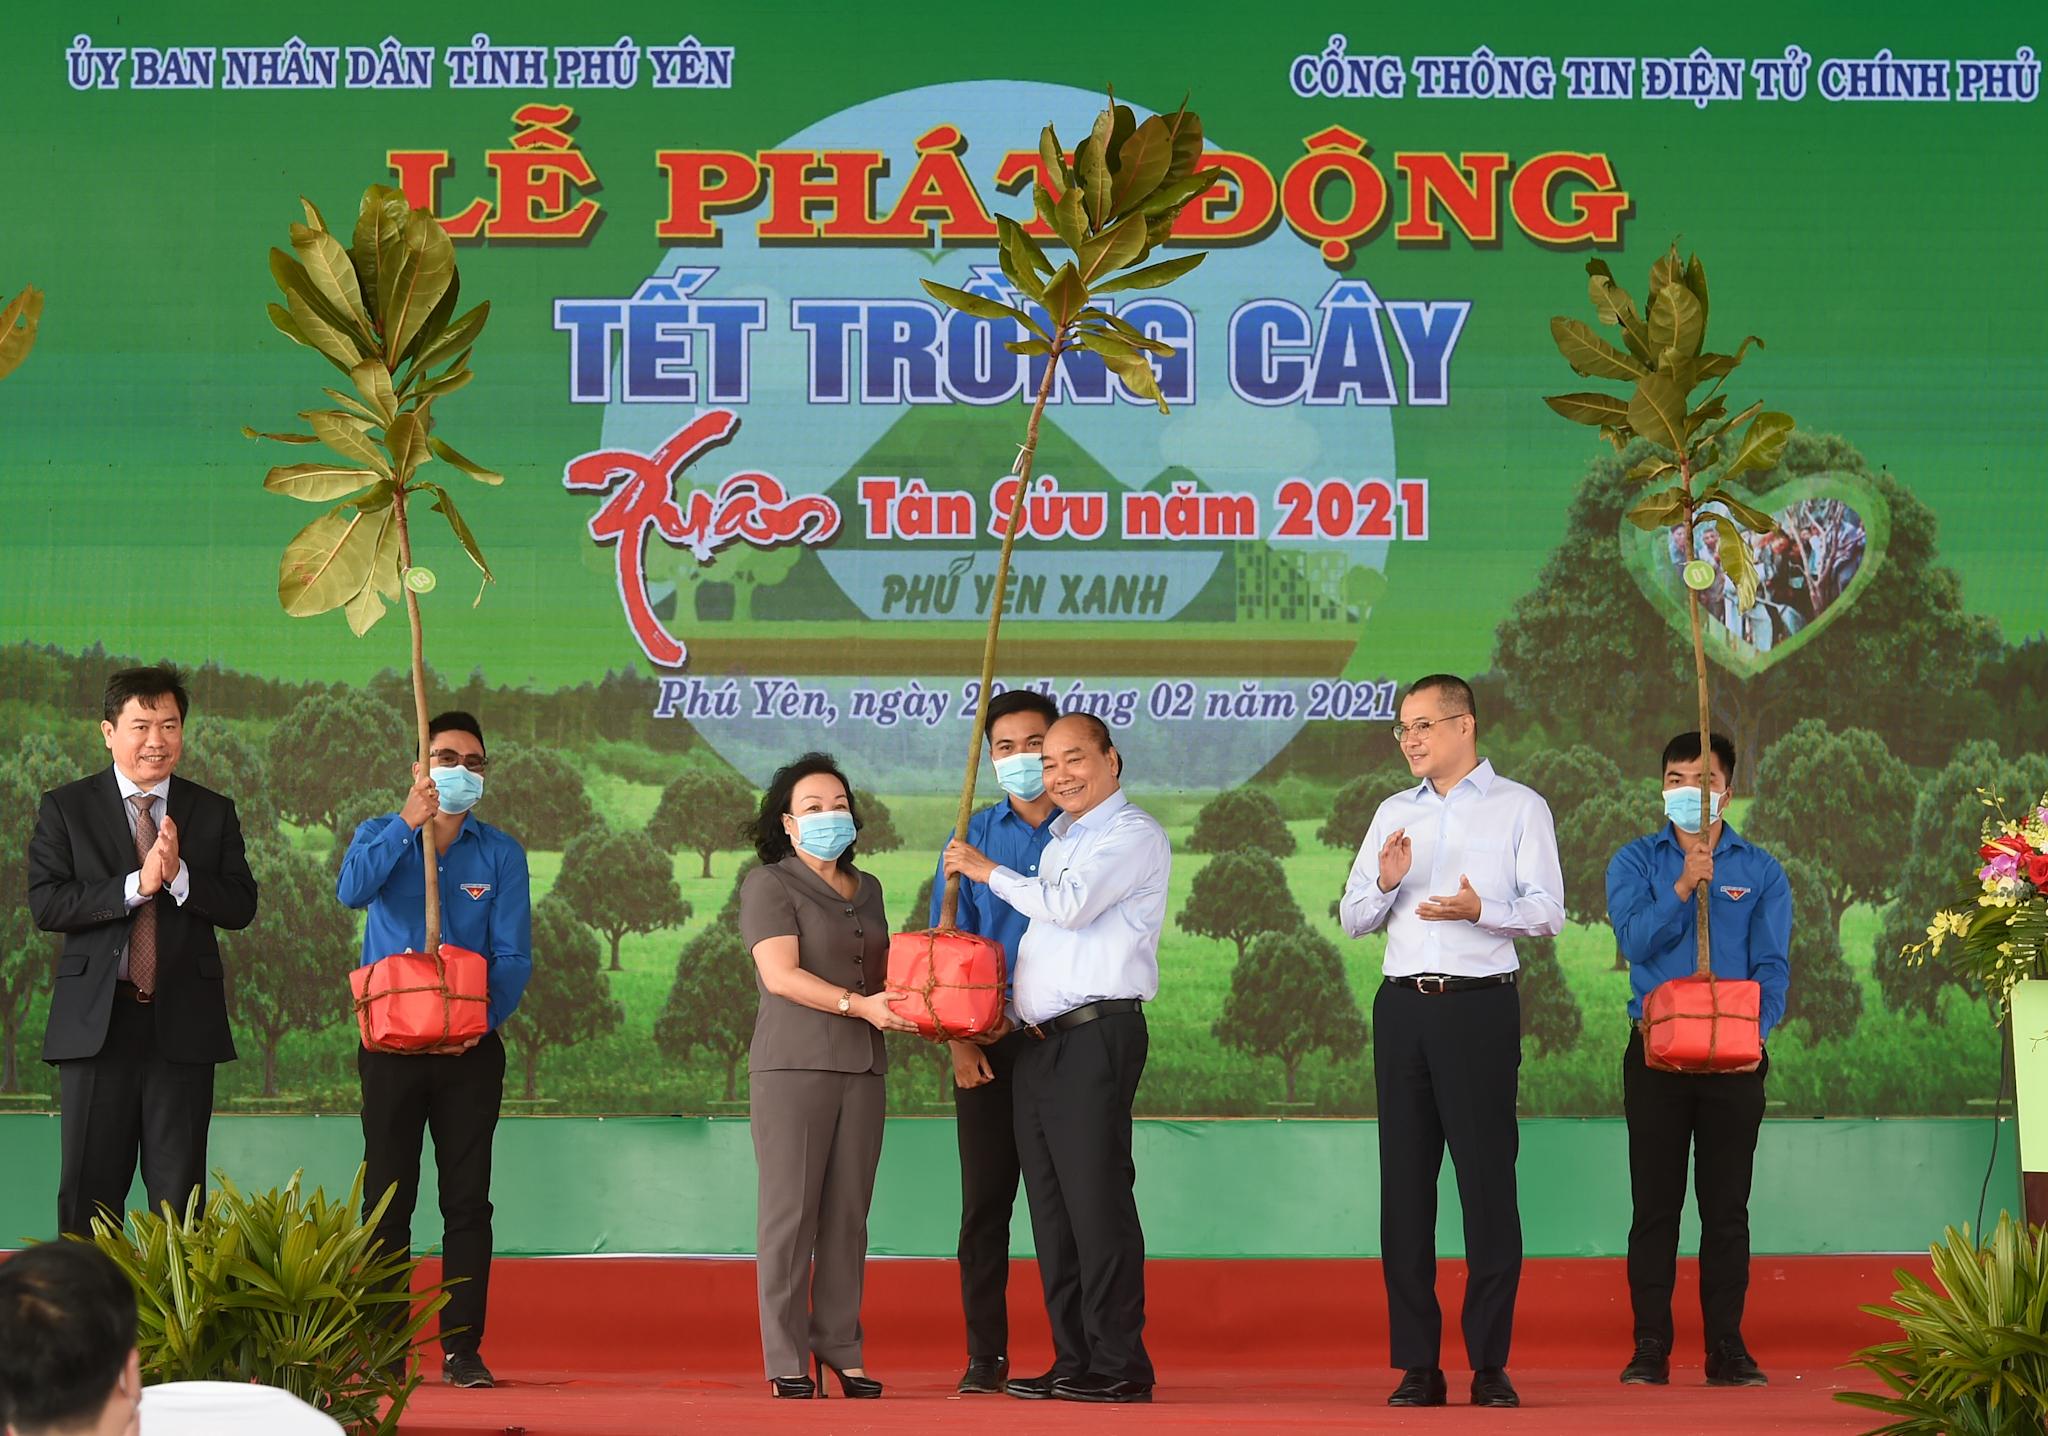 Thủ tướng Nguyễn Xuân Phúc trao tặng tỉnh Phú Yên cây bàng vuông, loại cây tượng trưng cho sức sống bền bỉ và kiên cường nơi sóng gió. (Ảnh: VGP/Quang Hiếu)